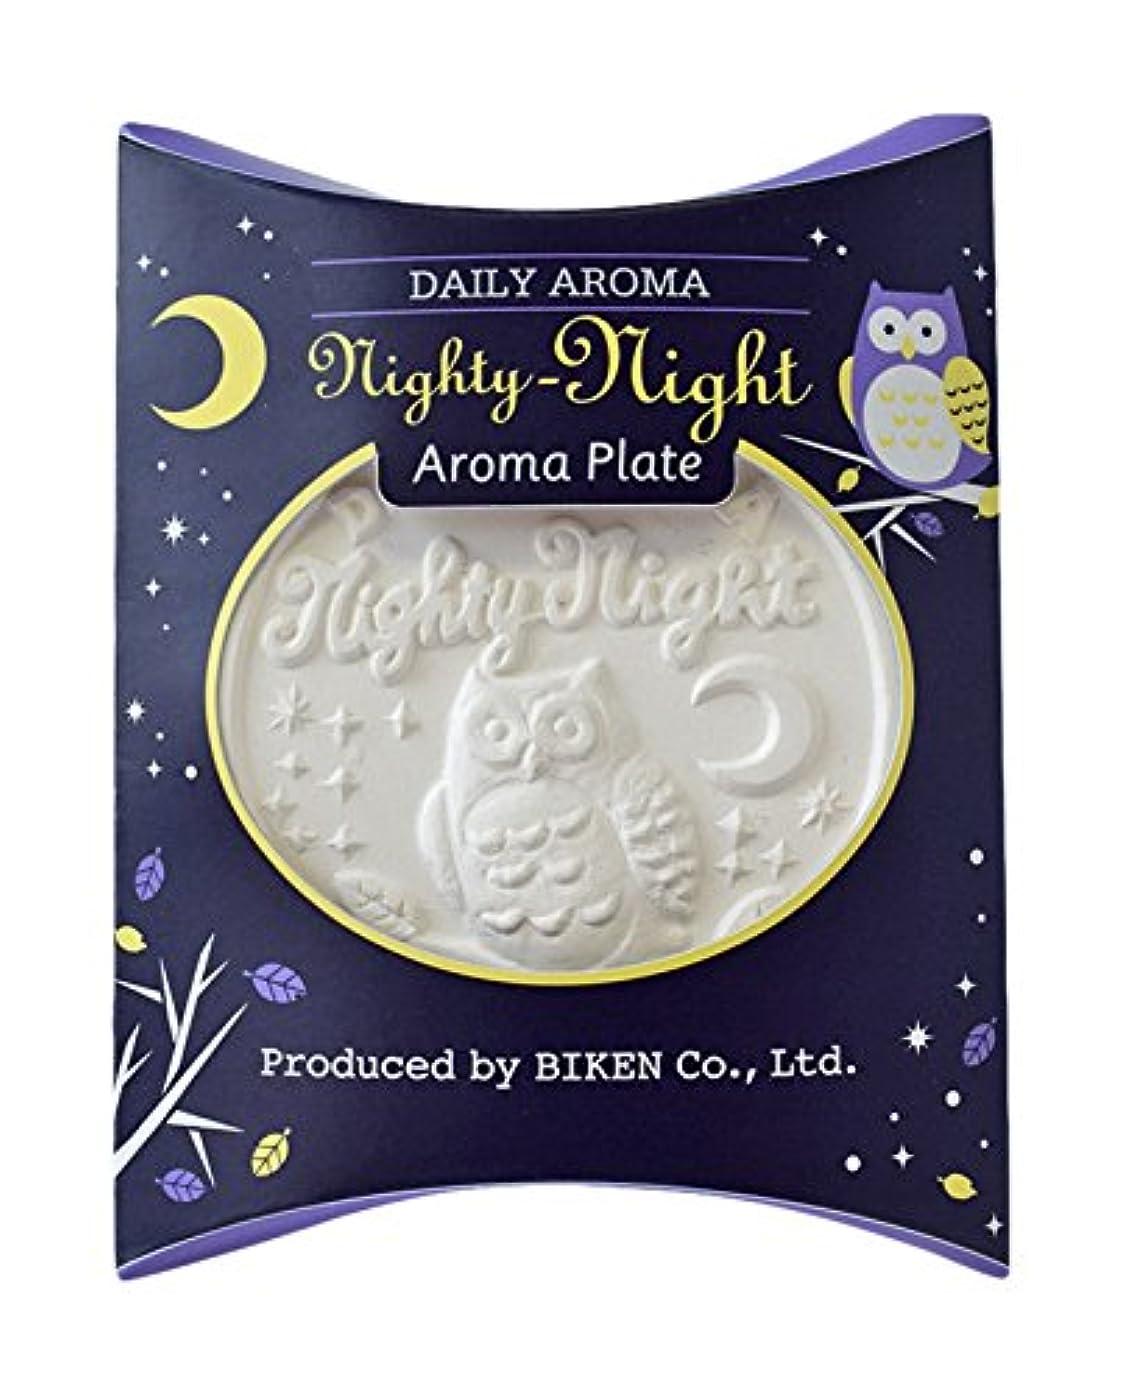 習字自慢人柄Nighty-Night アロマプレート